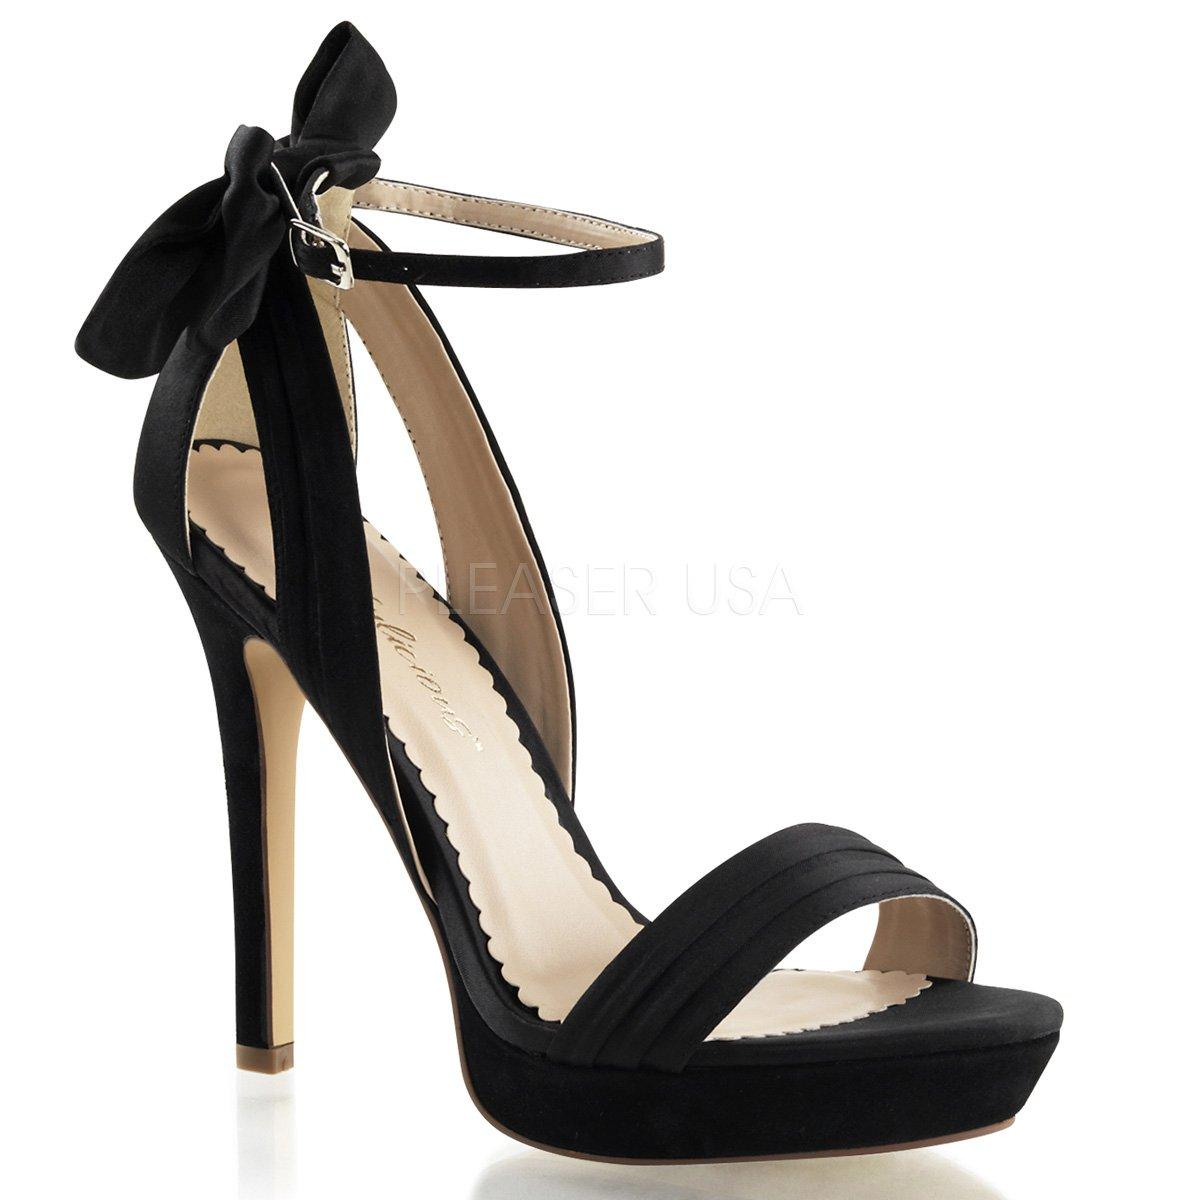 LUMINA-25 Elegantní černé společenské sandálky na vysokém podpatku ... 9692b7a3ea